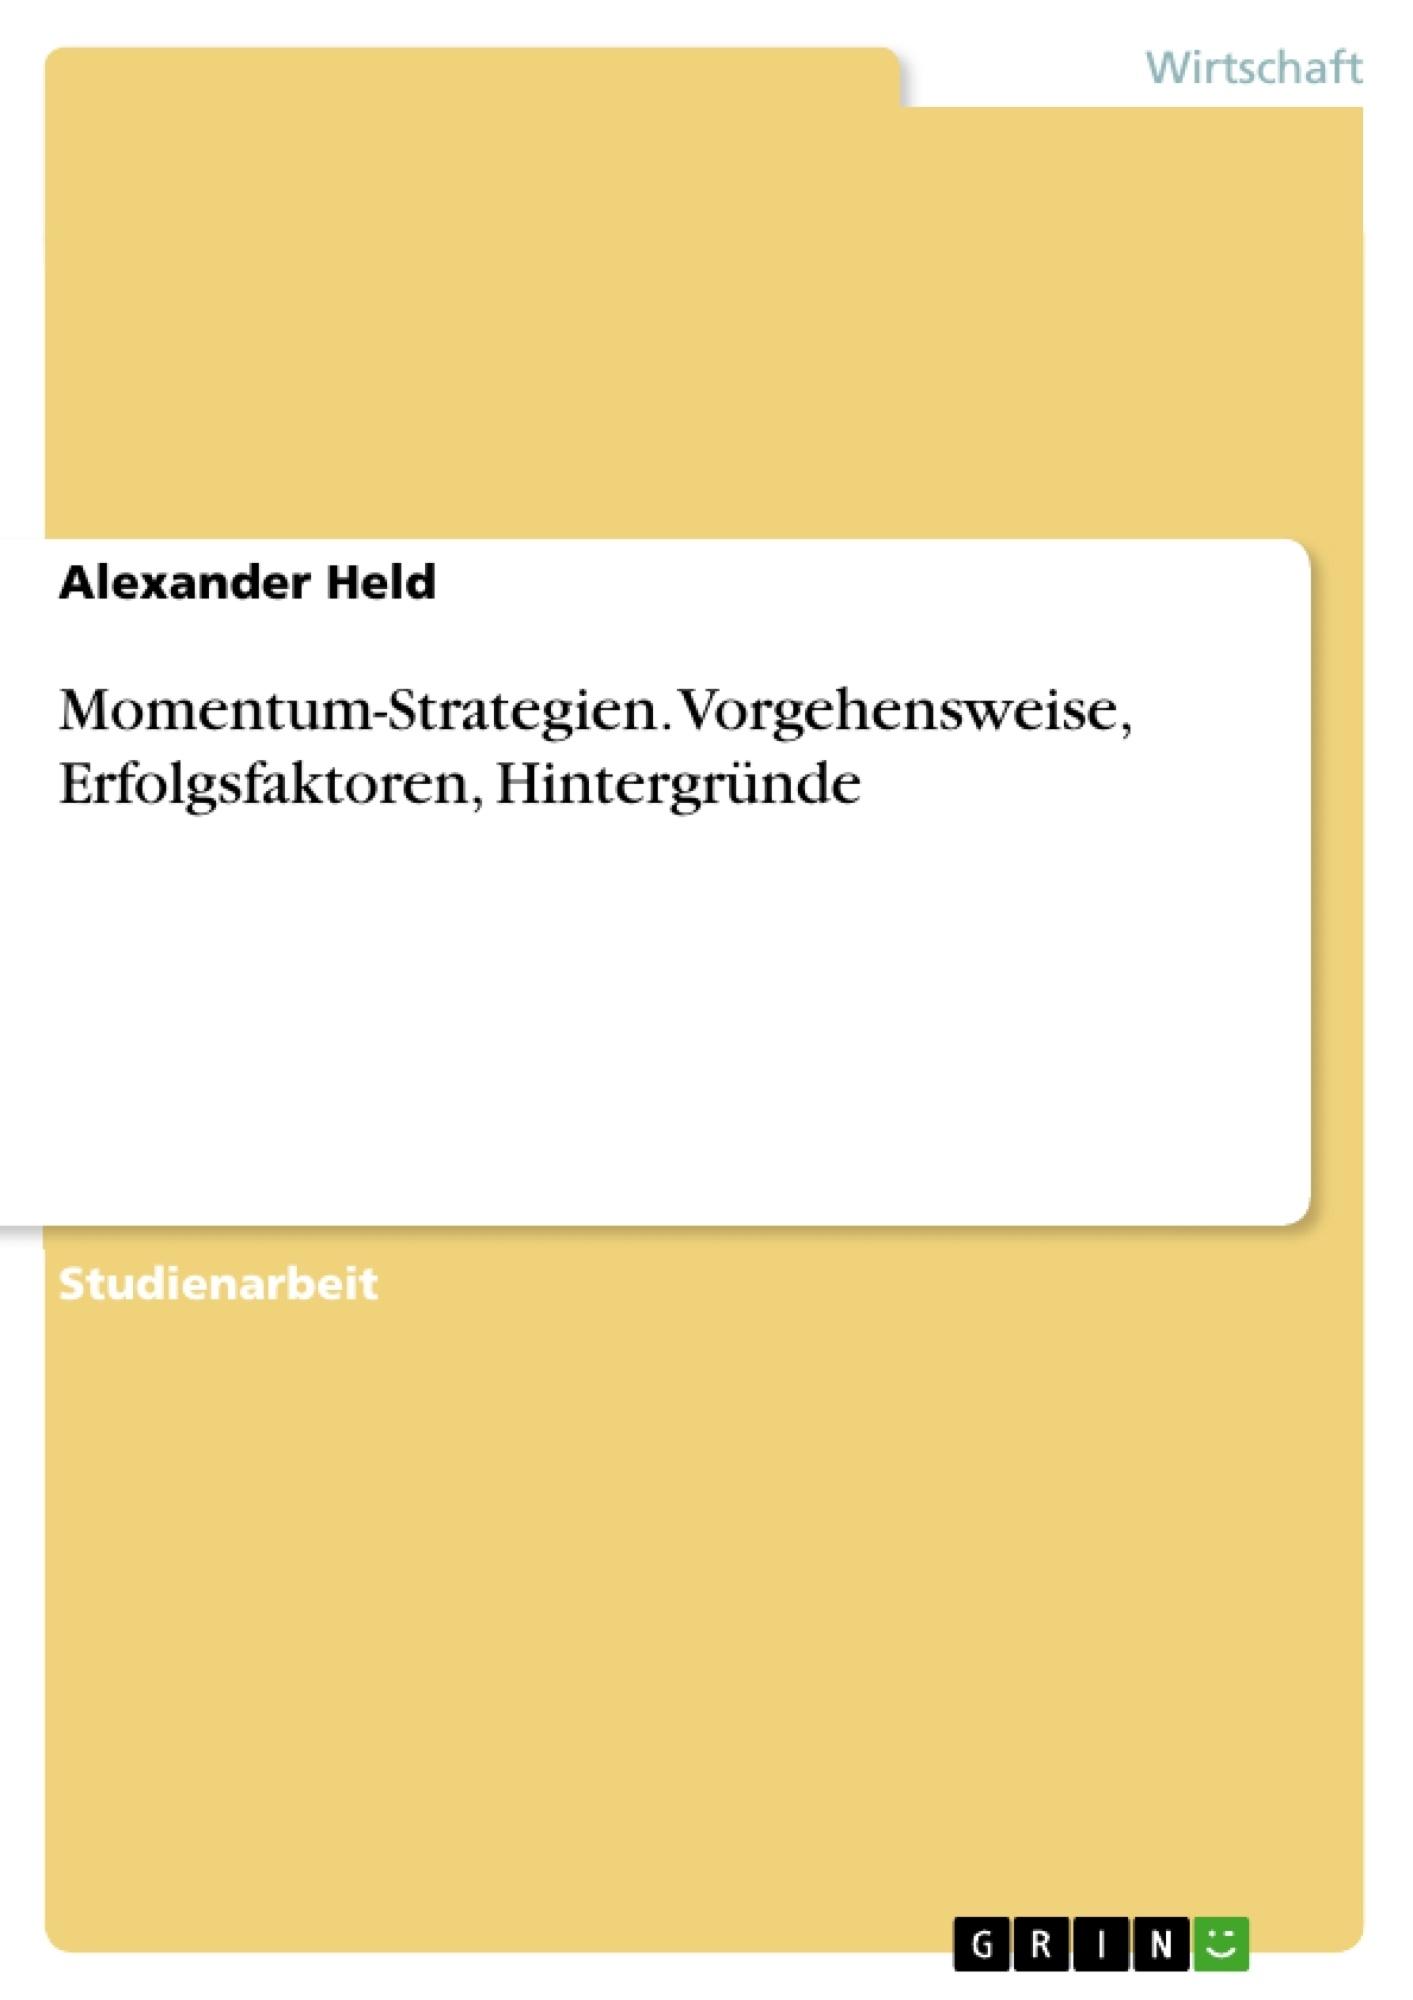 Titel: Momentum-Strategien. Vorgehensweise, Erfolgsfaktoren, Hintergründe